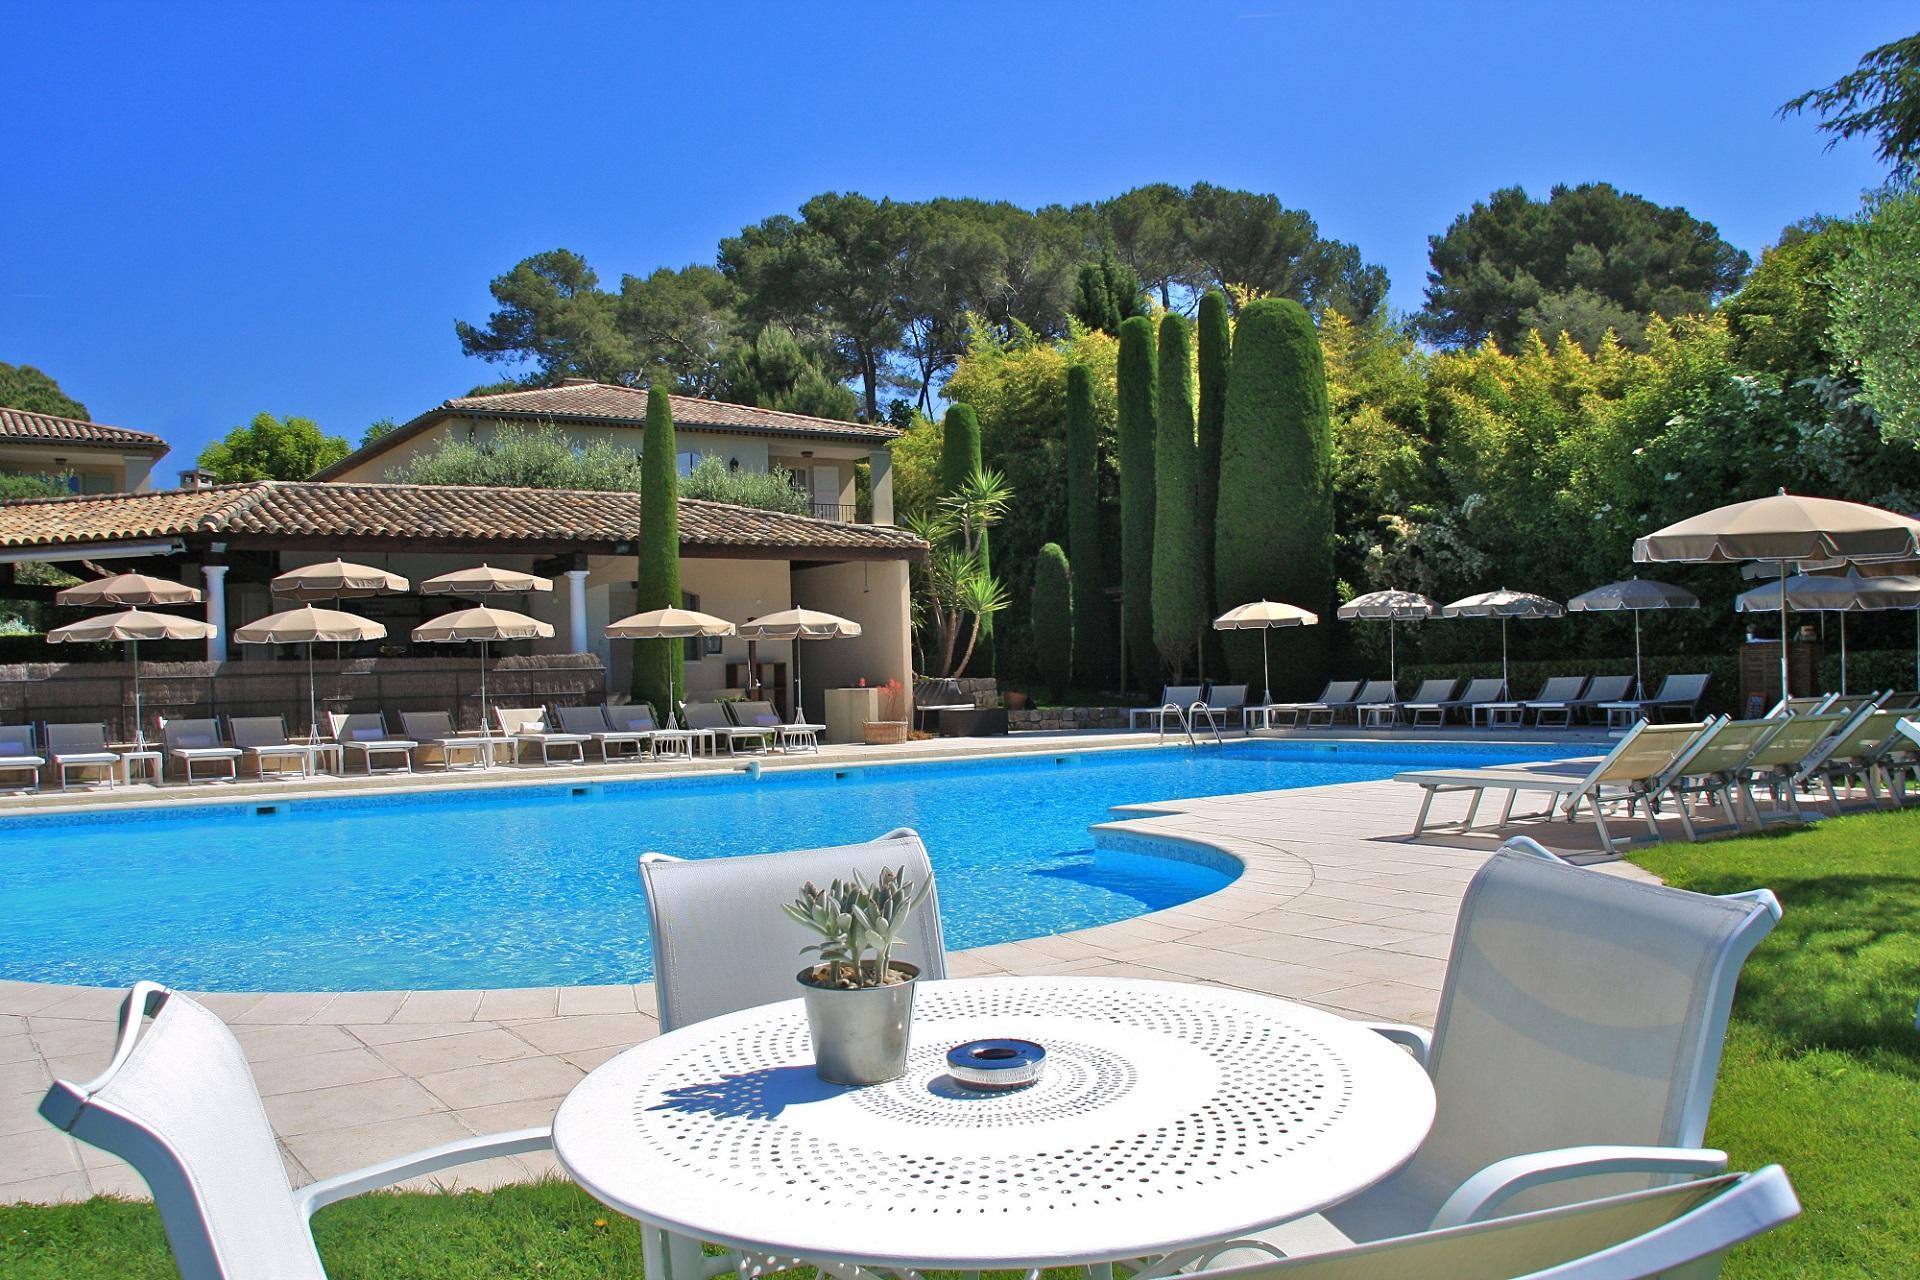 hotel-de-mougins-cote-dazur-cannes-piscine 2-seminaires-de-caractere